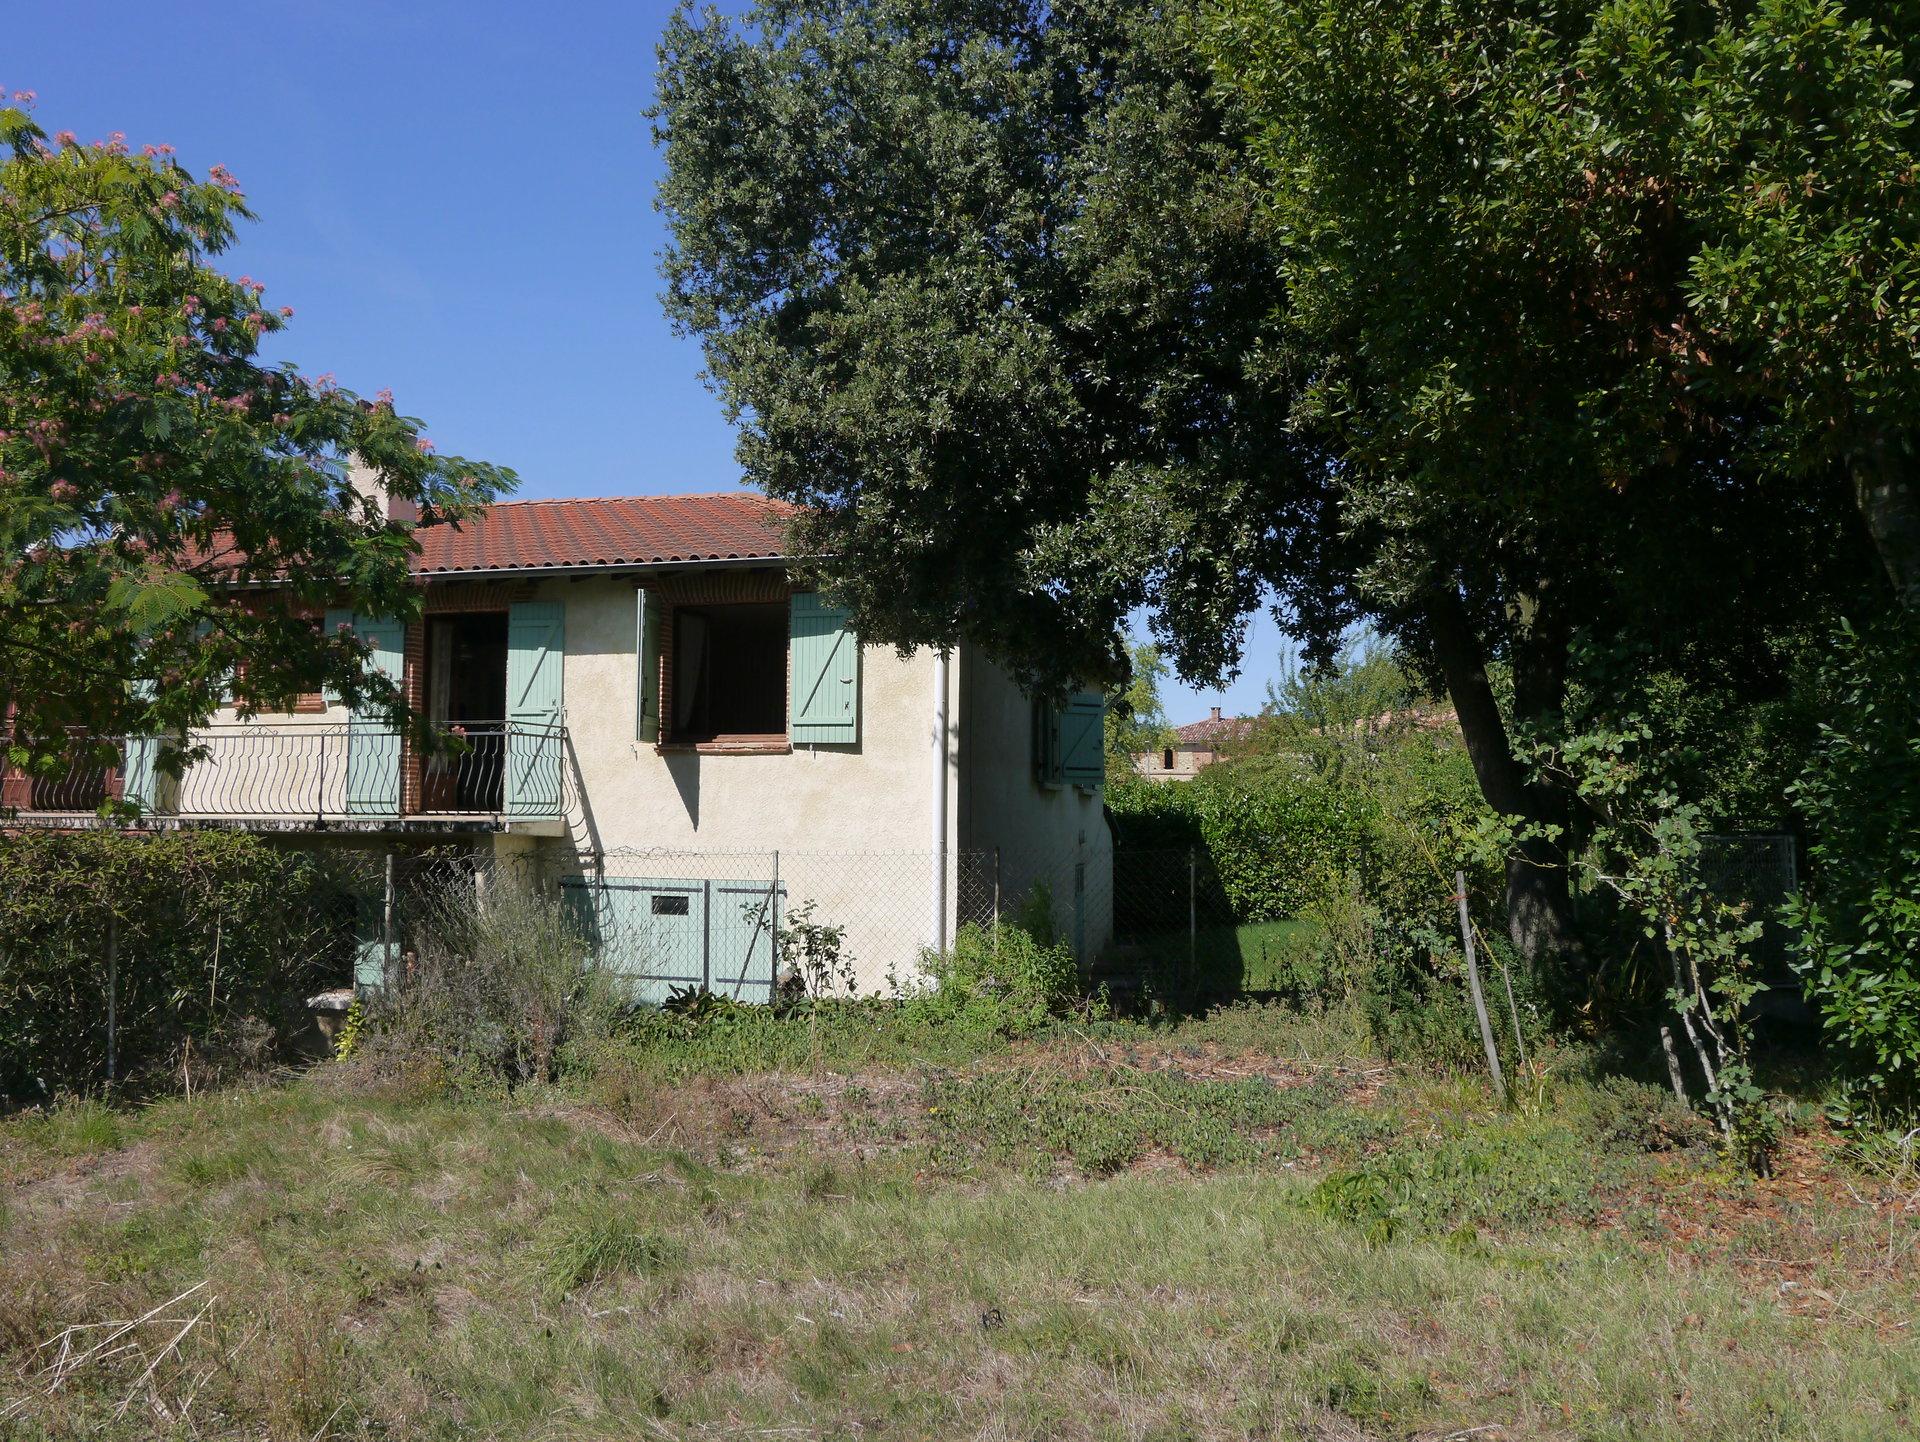 Verfeil 5 MN, Maison de village  T5  jardin de 1182 M²